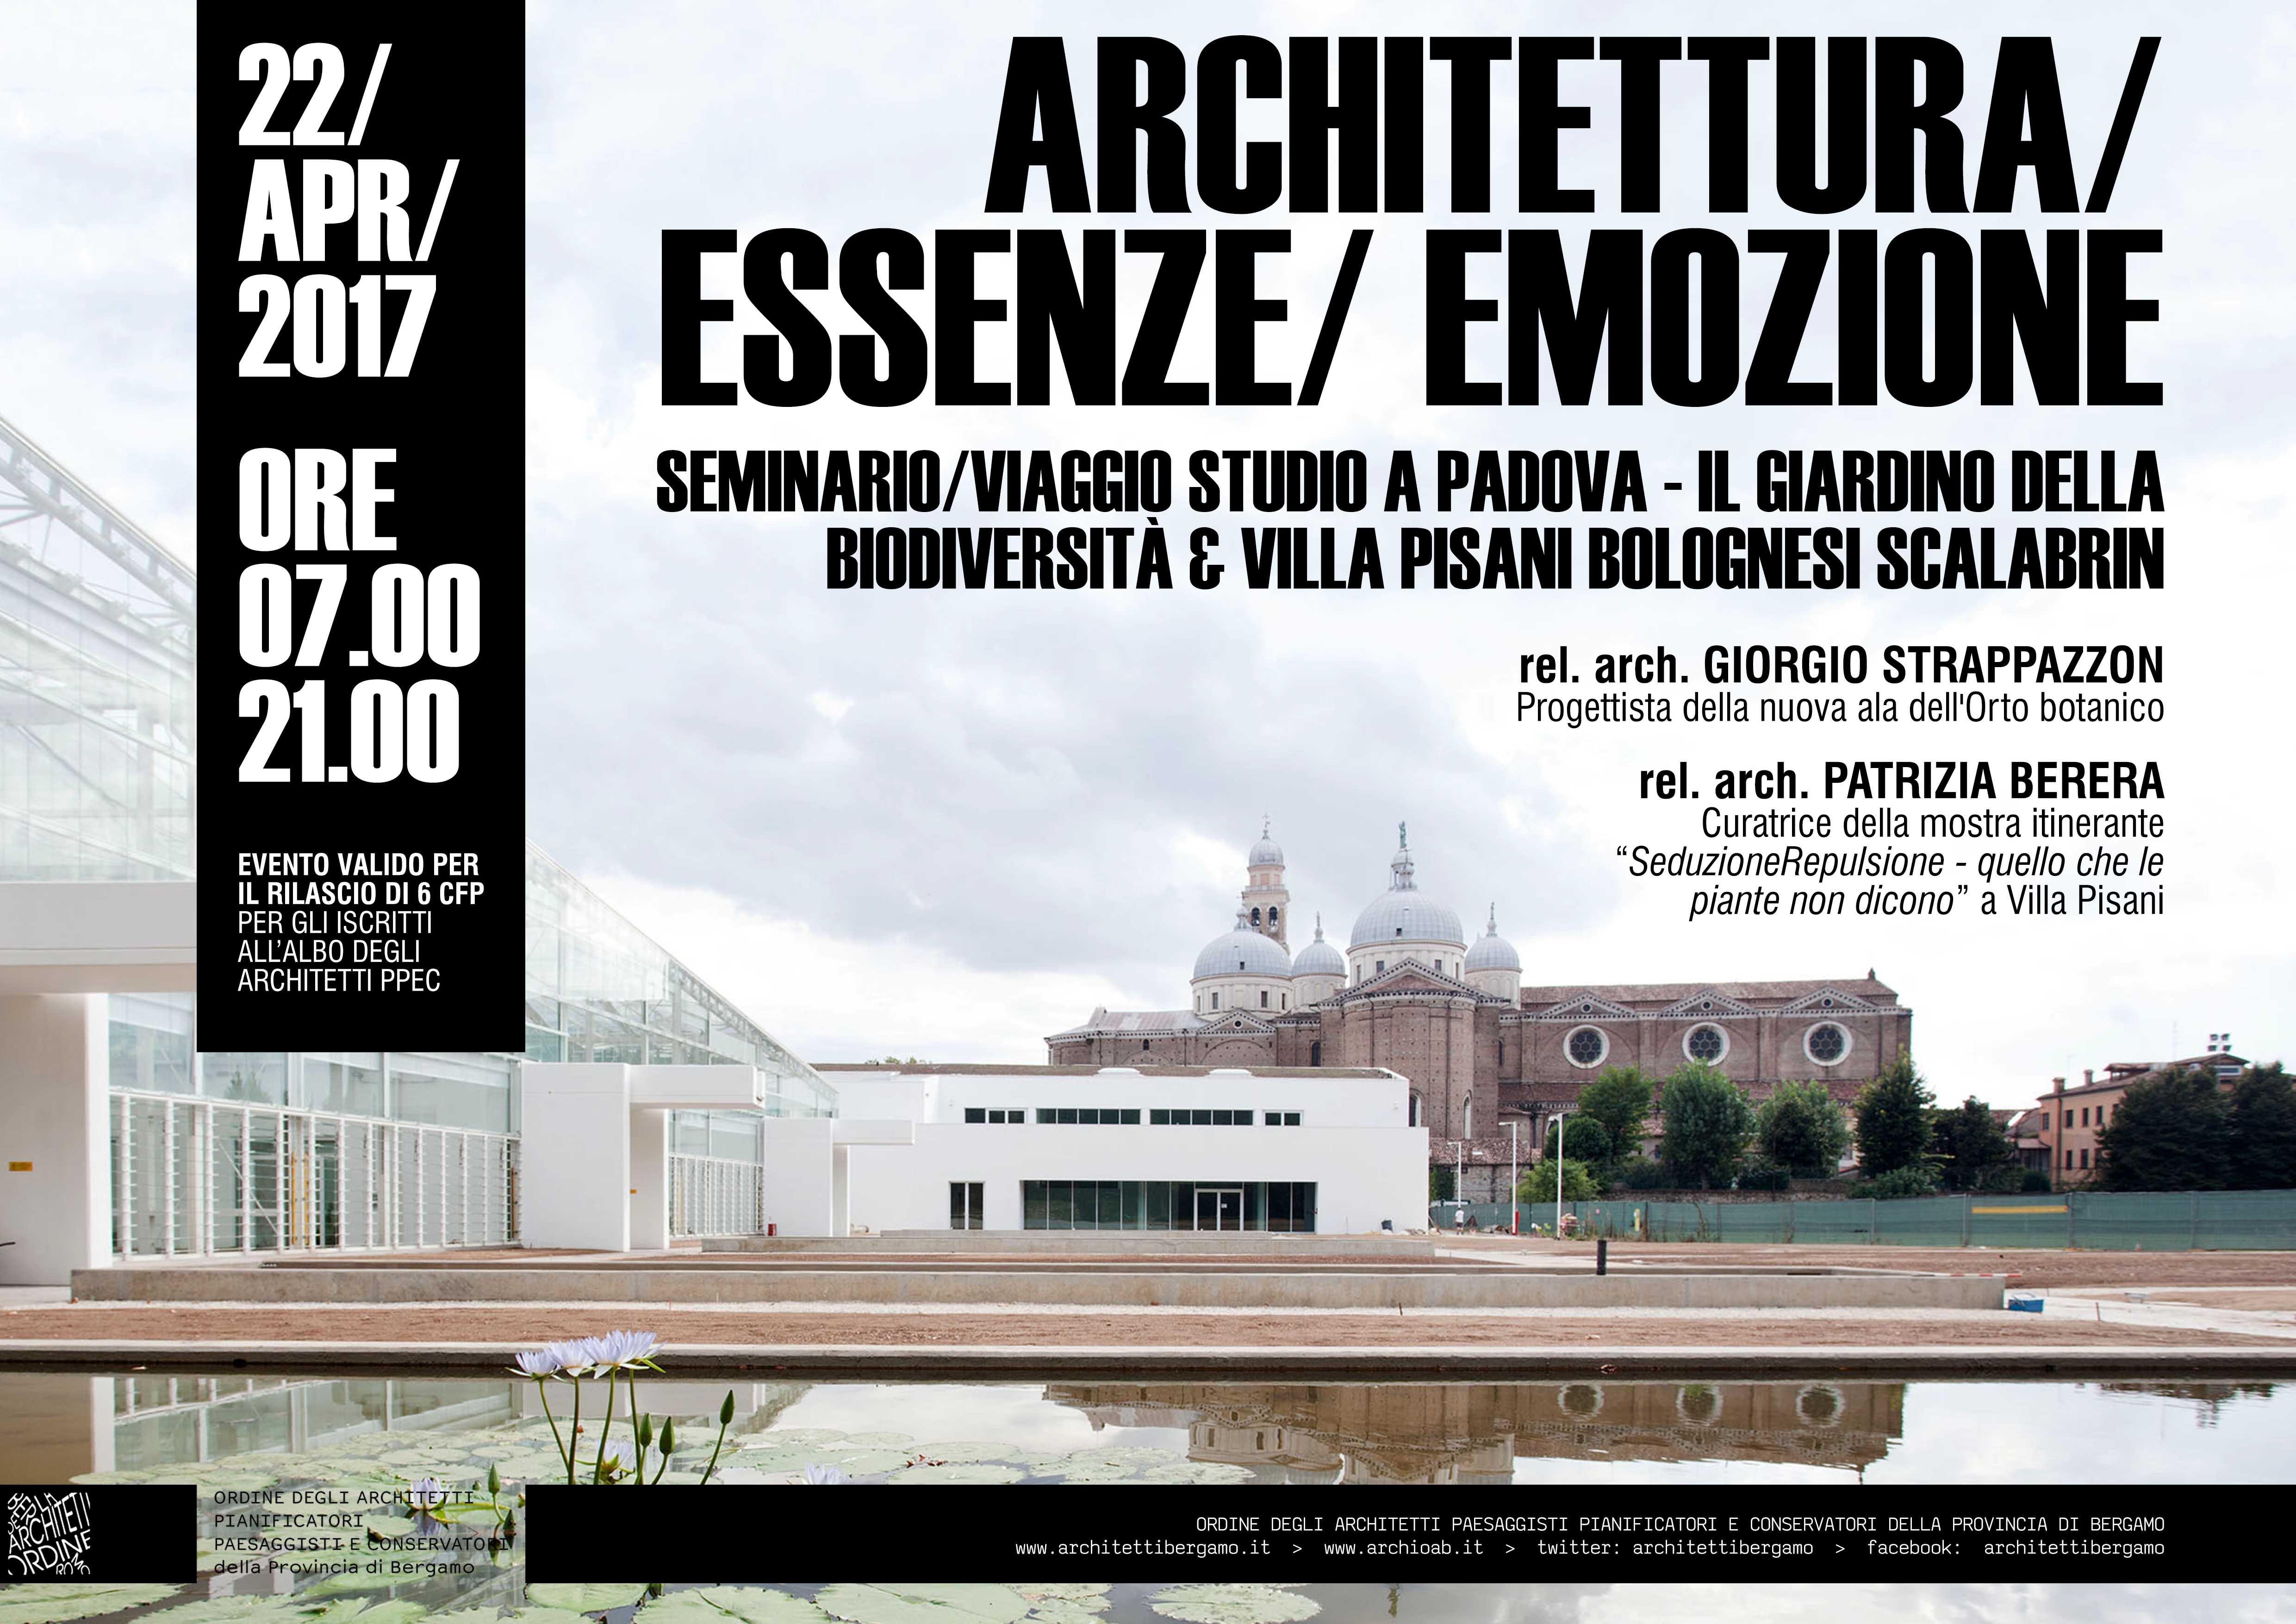 Architetti A Bergamo architettura | essenze | emozione | ordine degli architetti